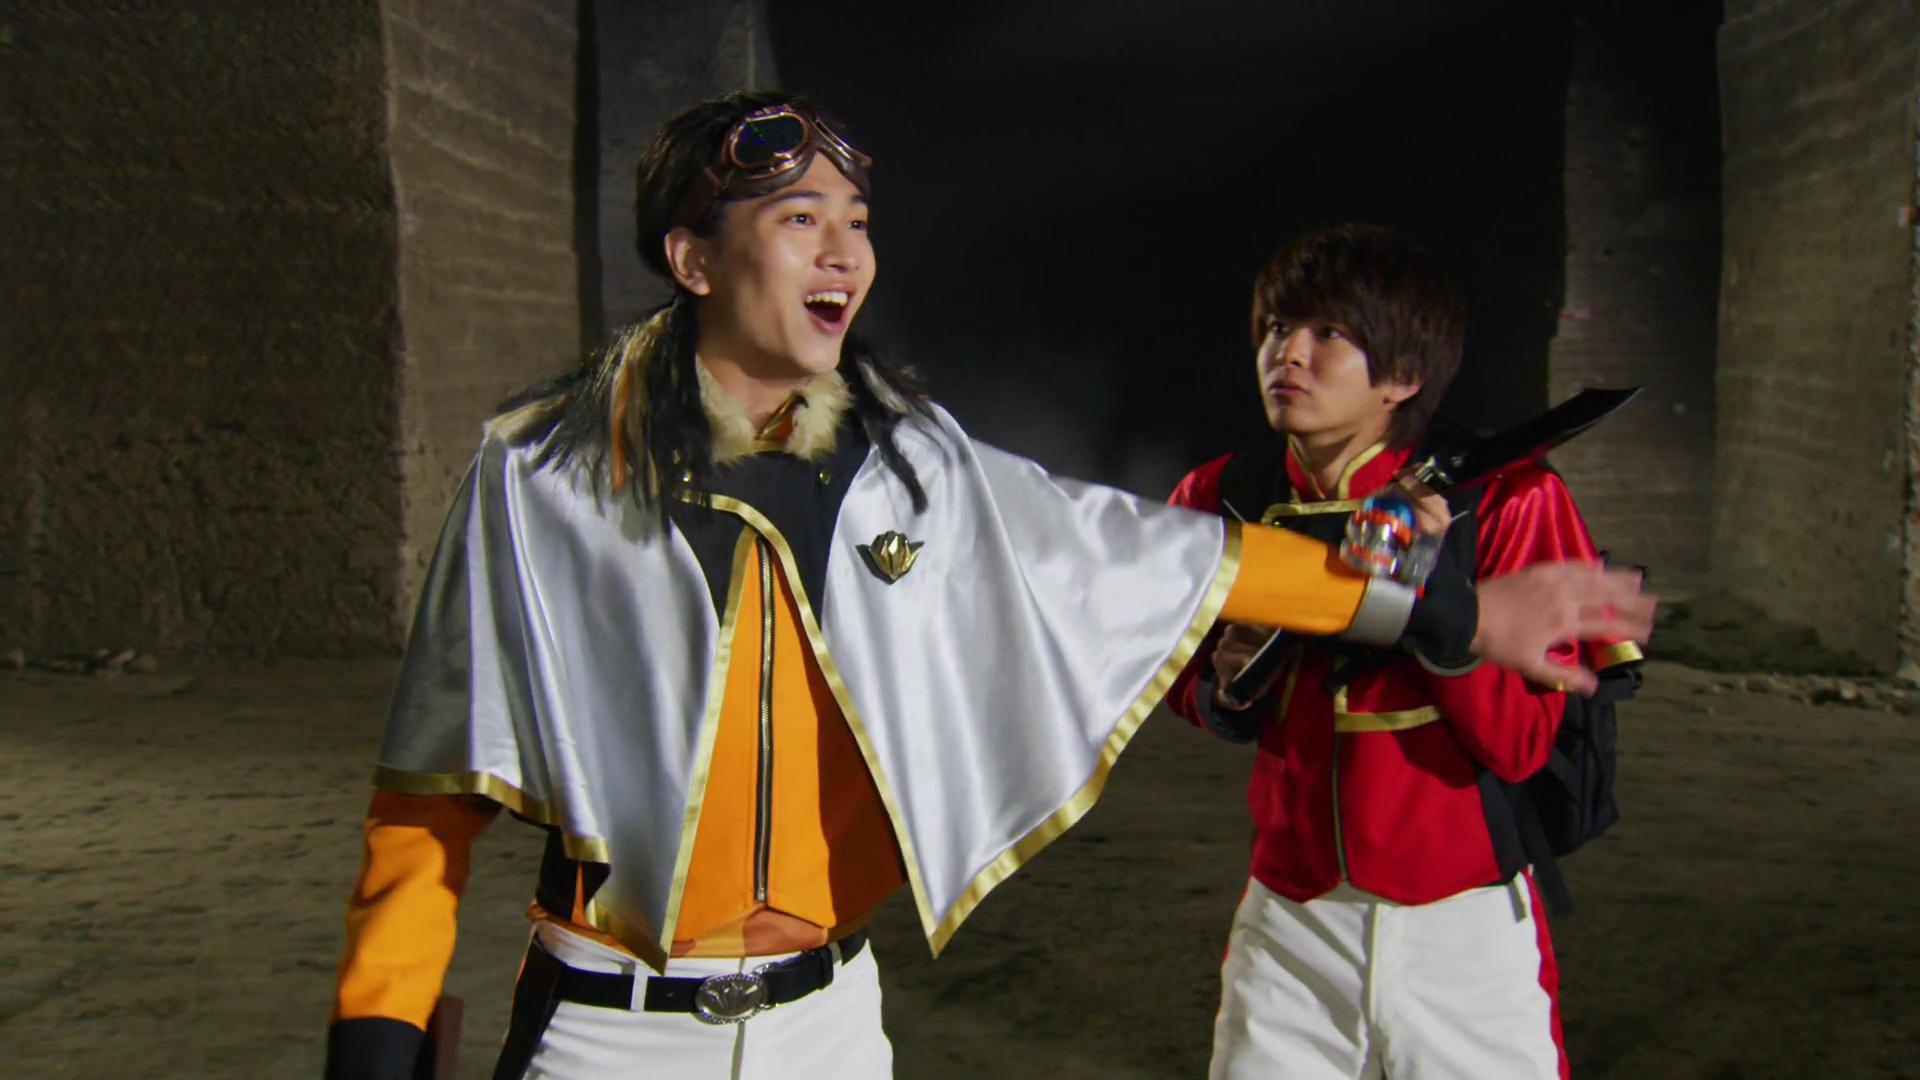 Mashin Sentai Kiramager Episode 14 Recap